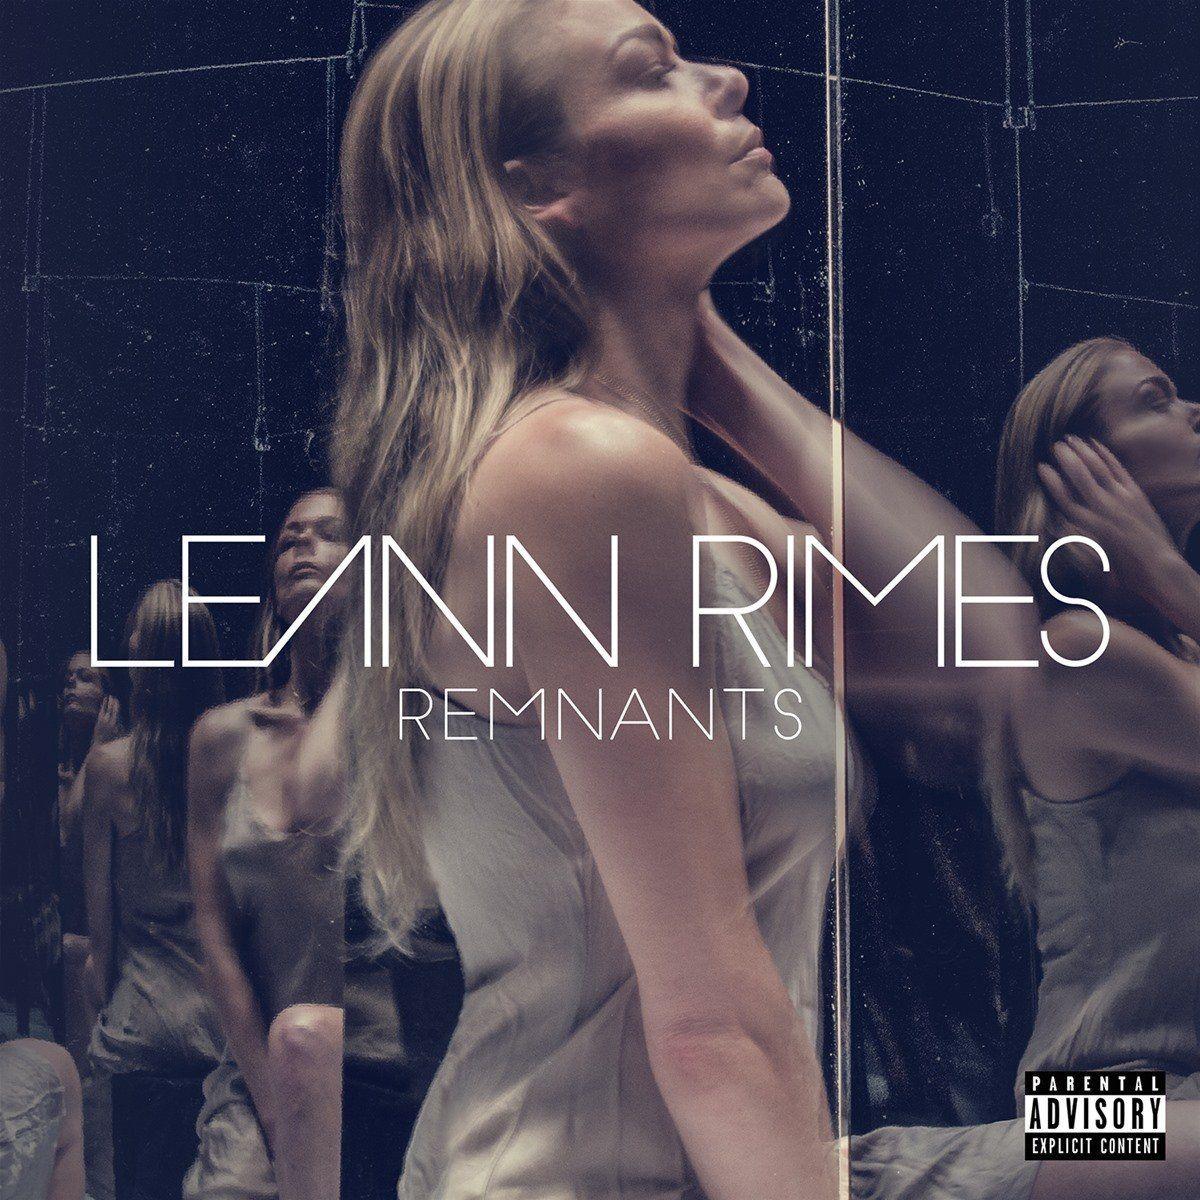 LeAnn Rimes - Remnants - Album Cover